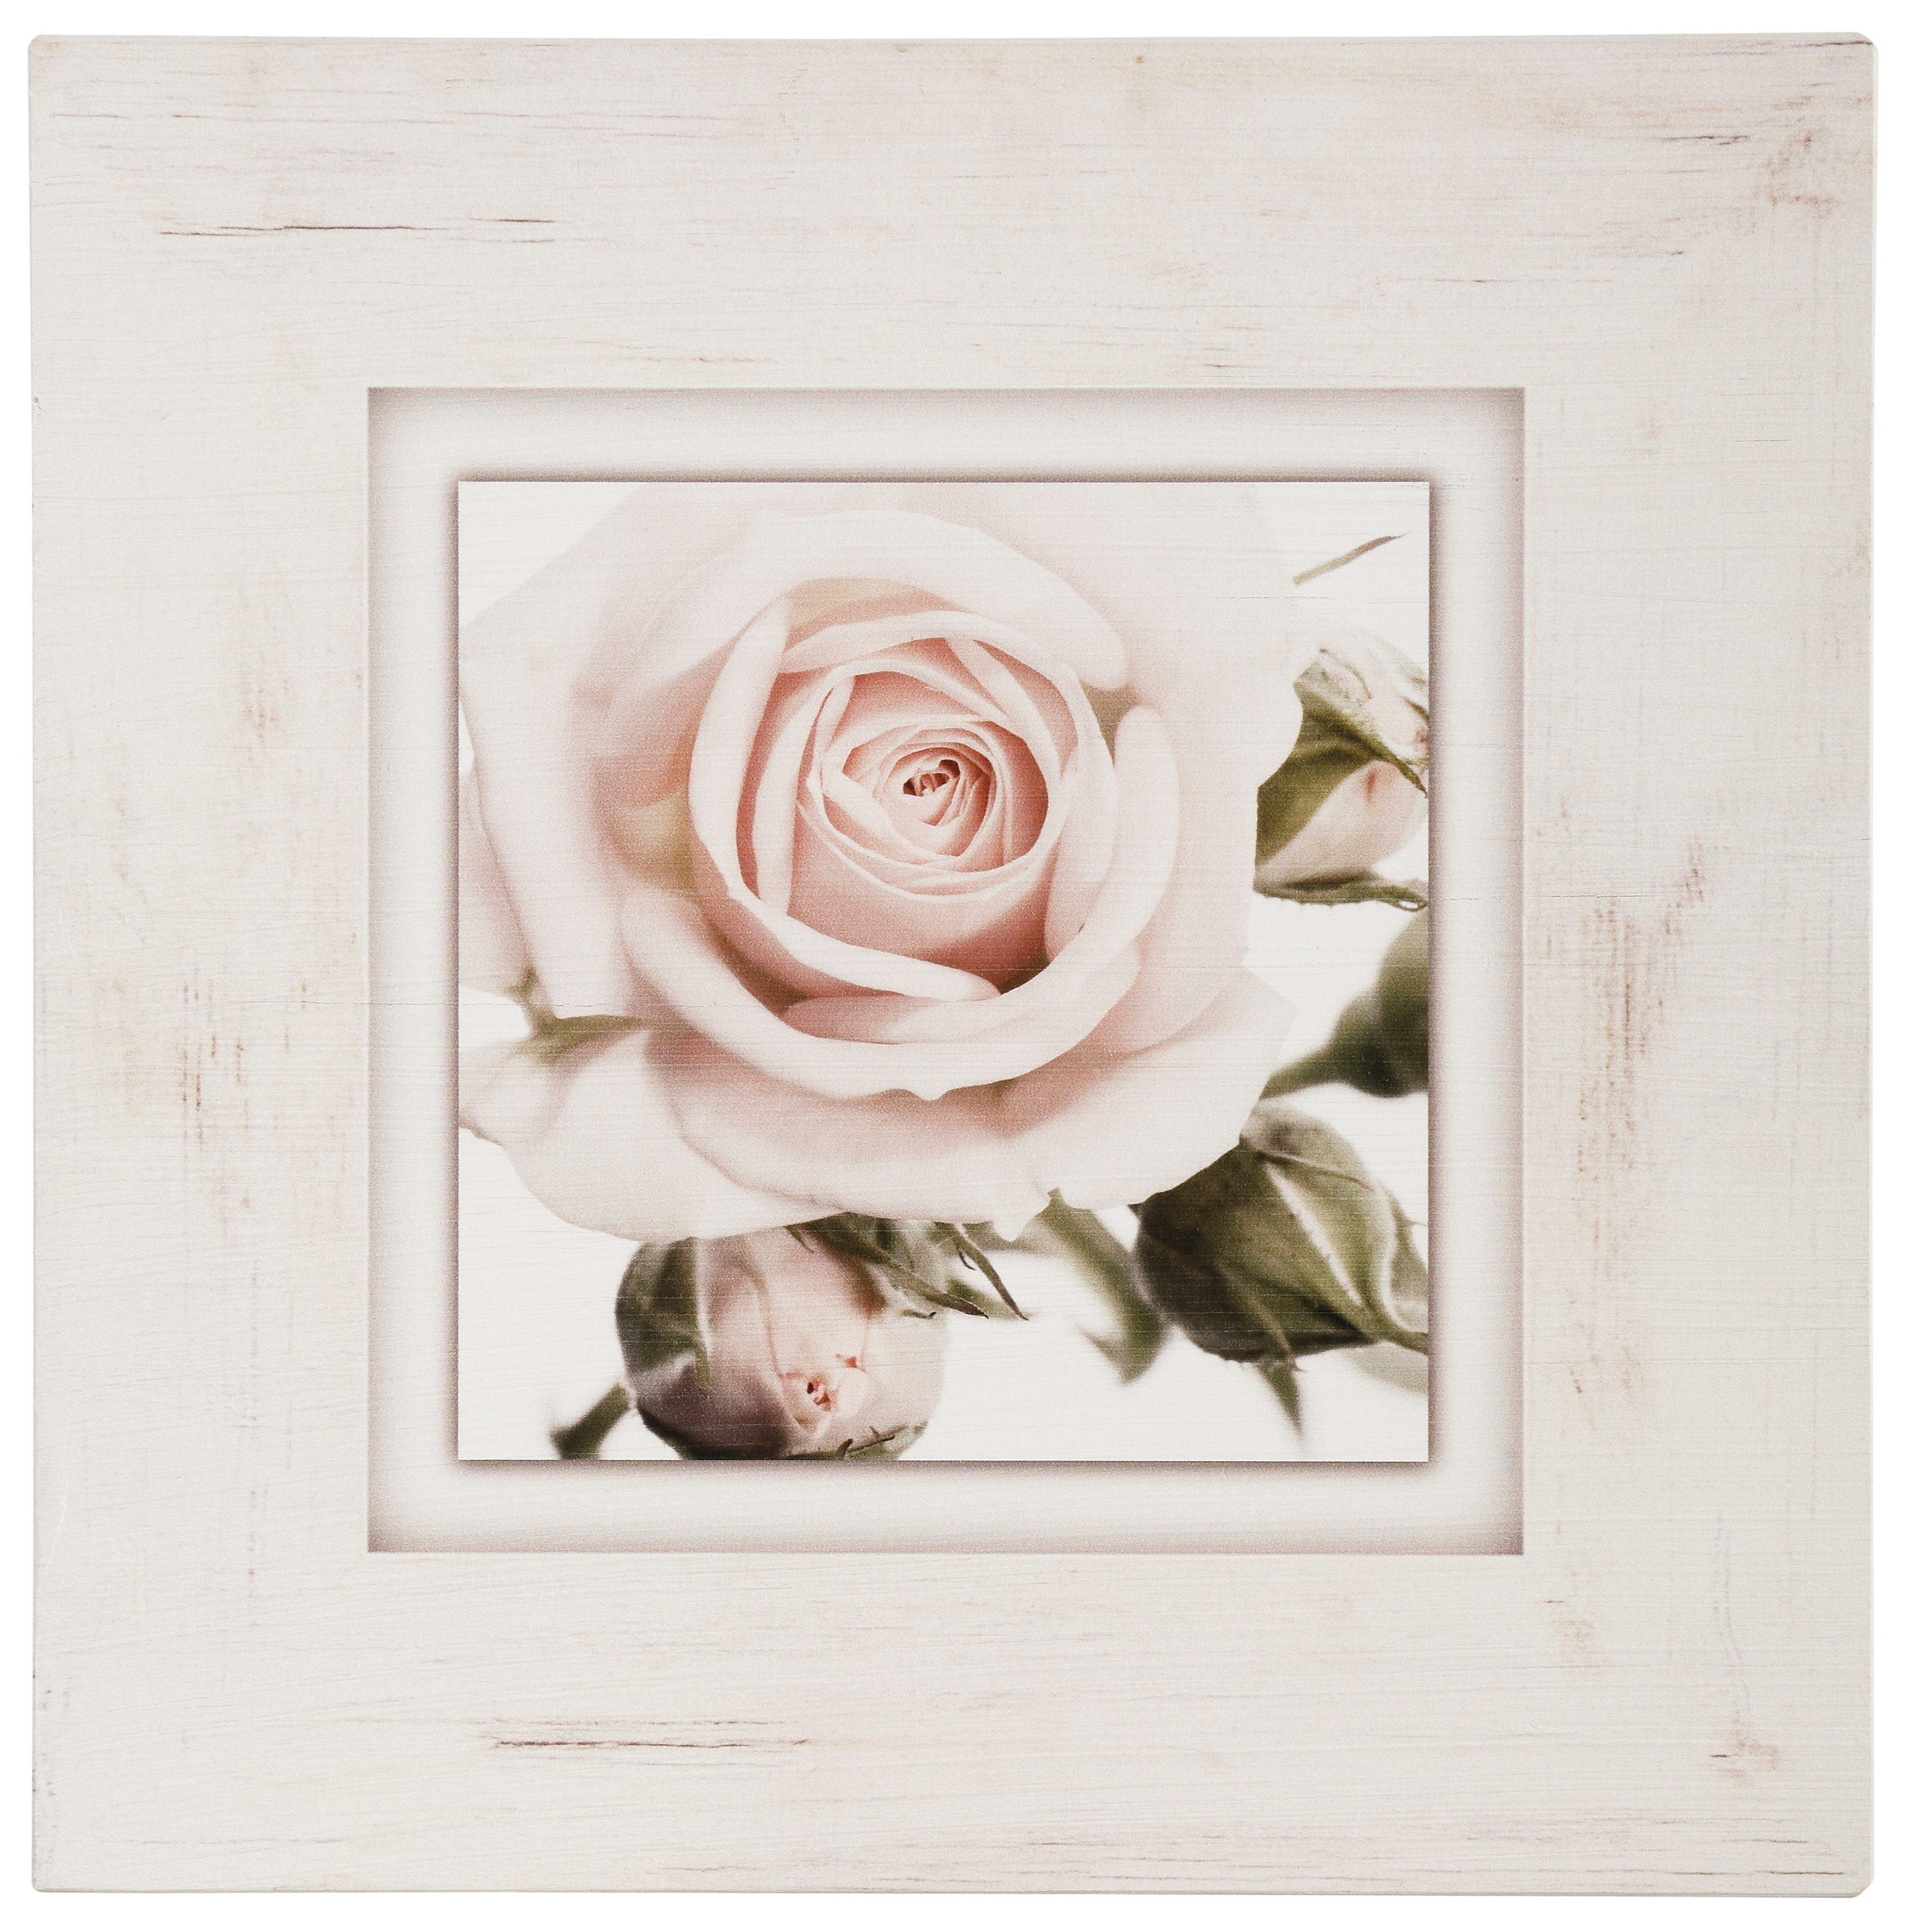 Holzbild, Home affaire, »Hellrosa Rosenblüte«, 40/40 cm